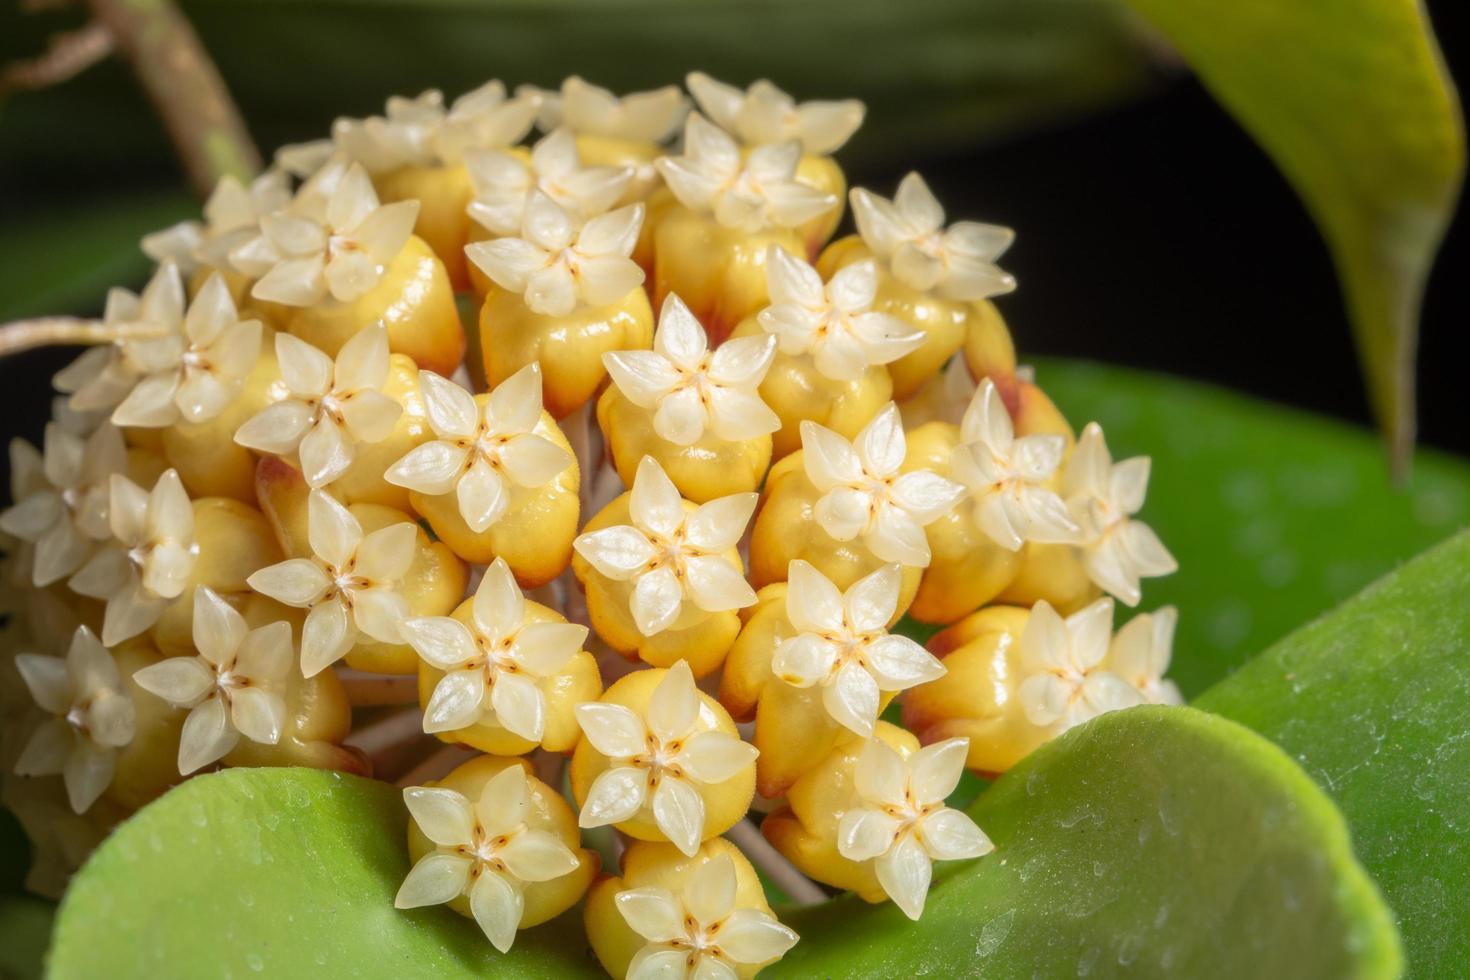 primer plano de flor de hoya amarilla foto